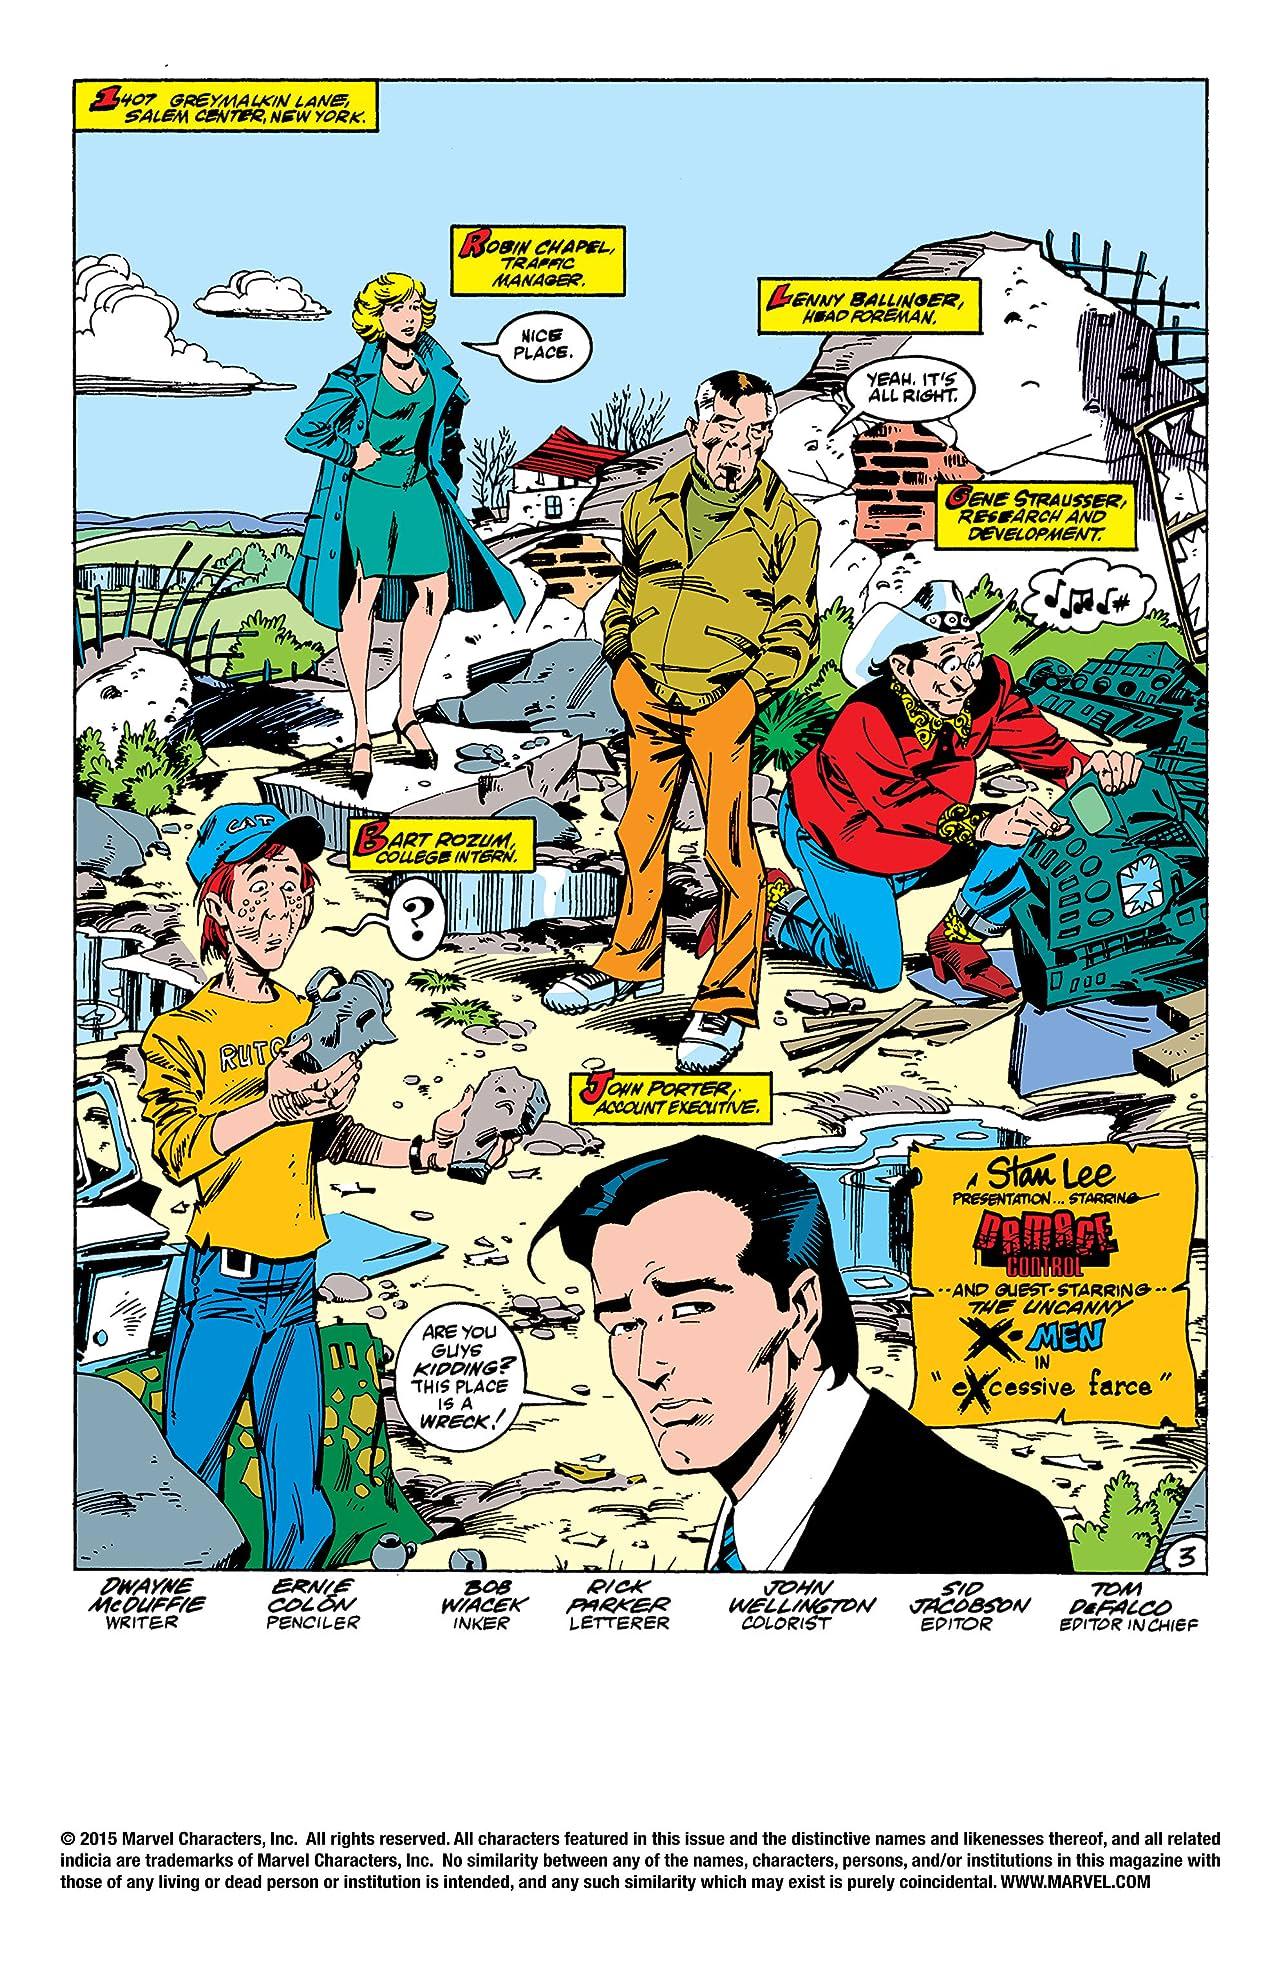 Damage Control (1989 I) #4 (of 4)